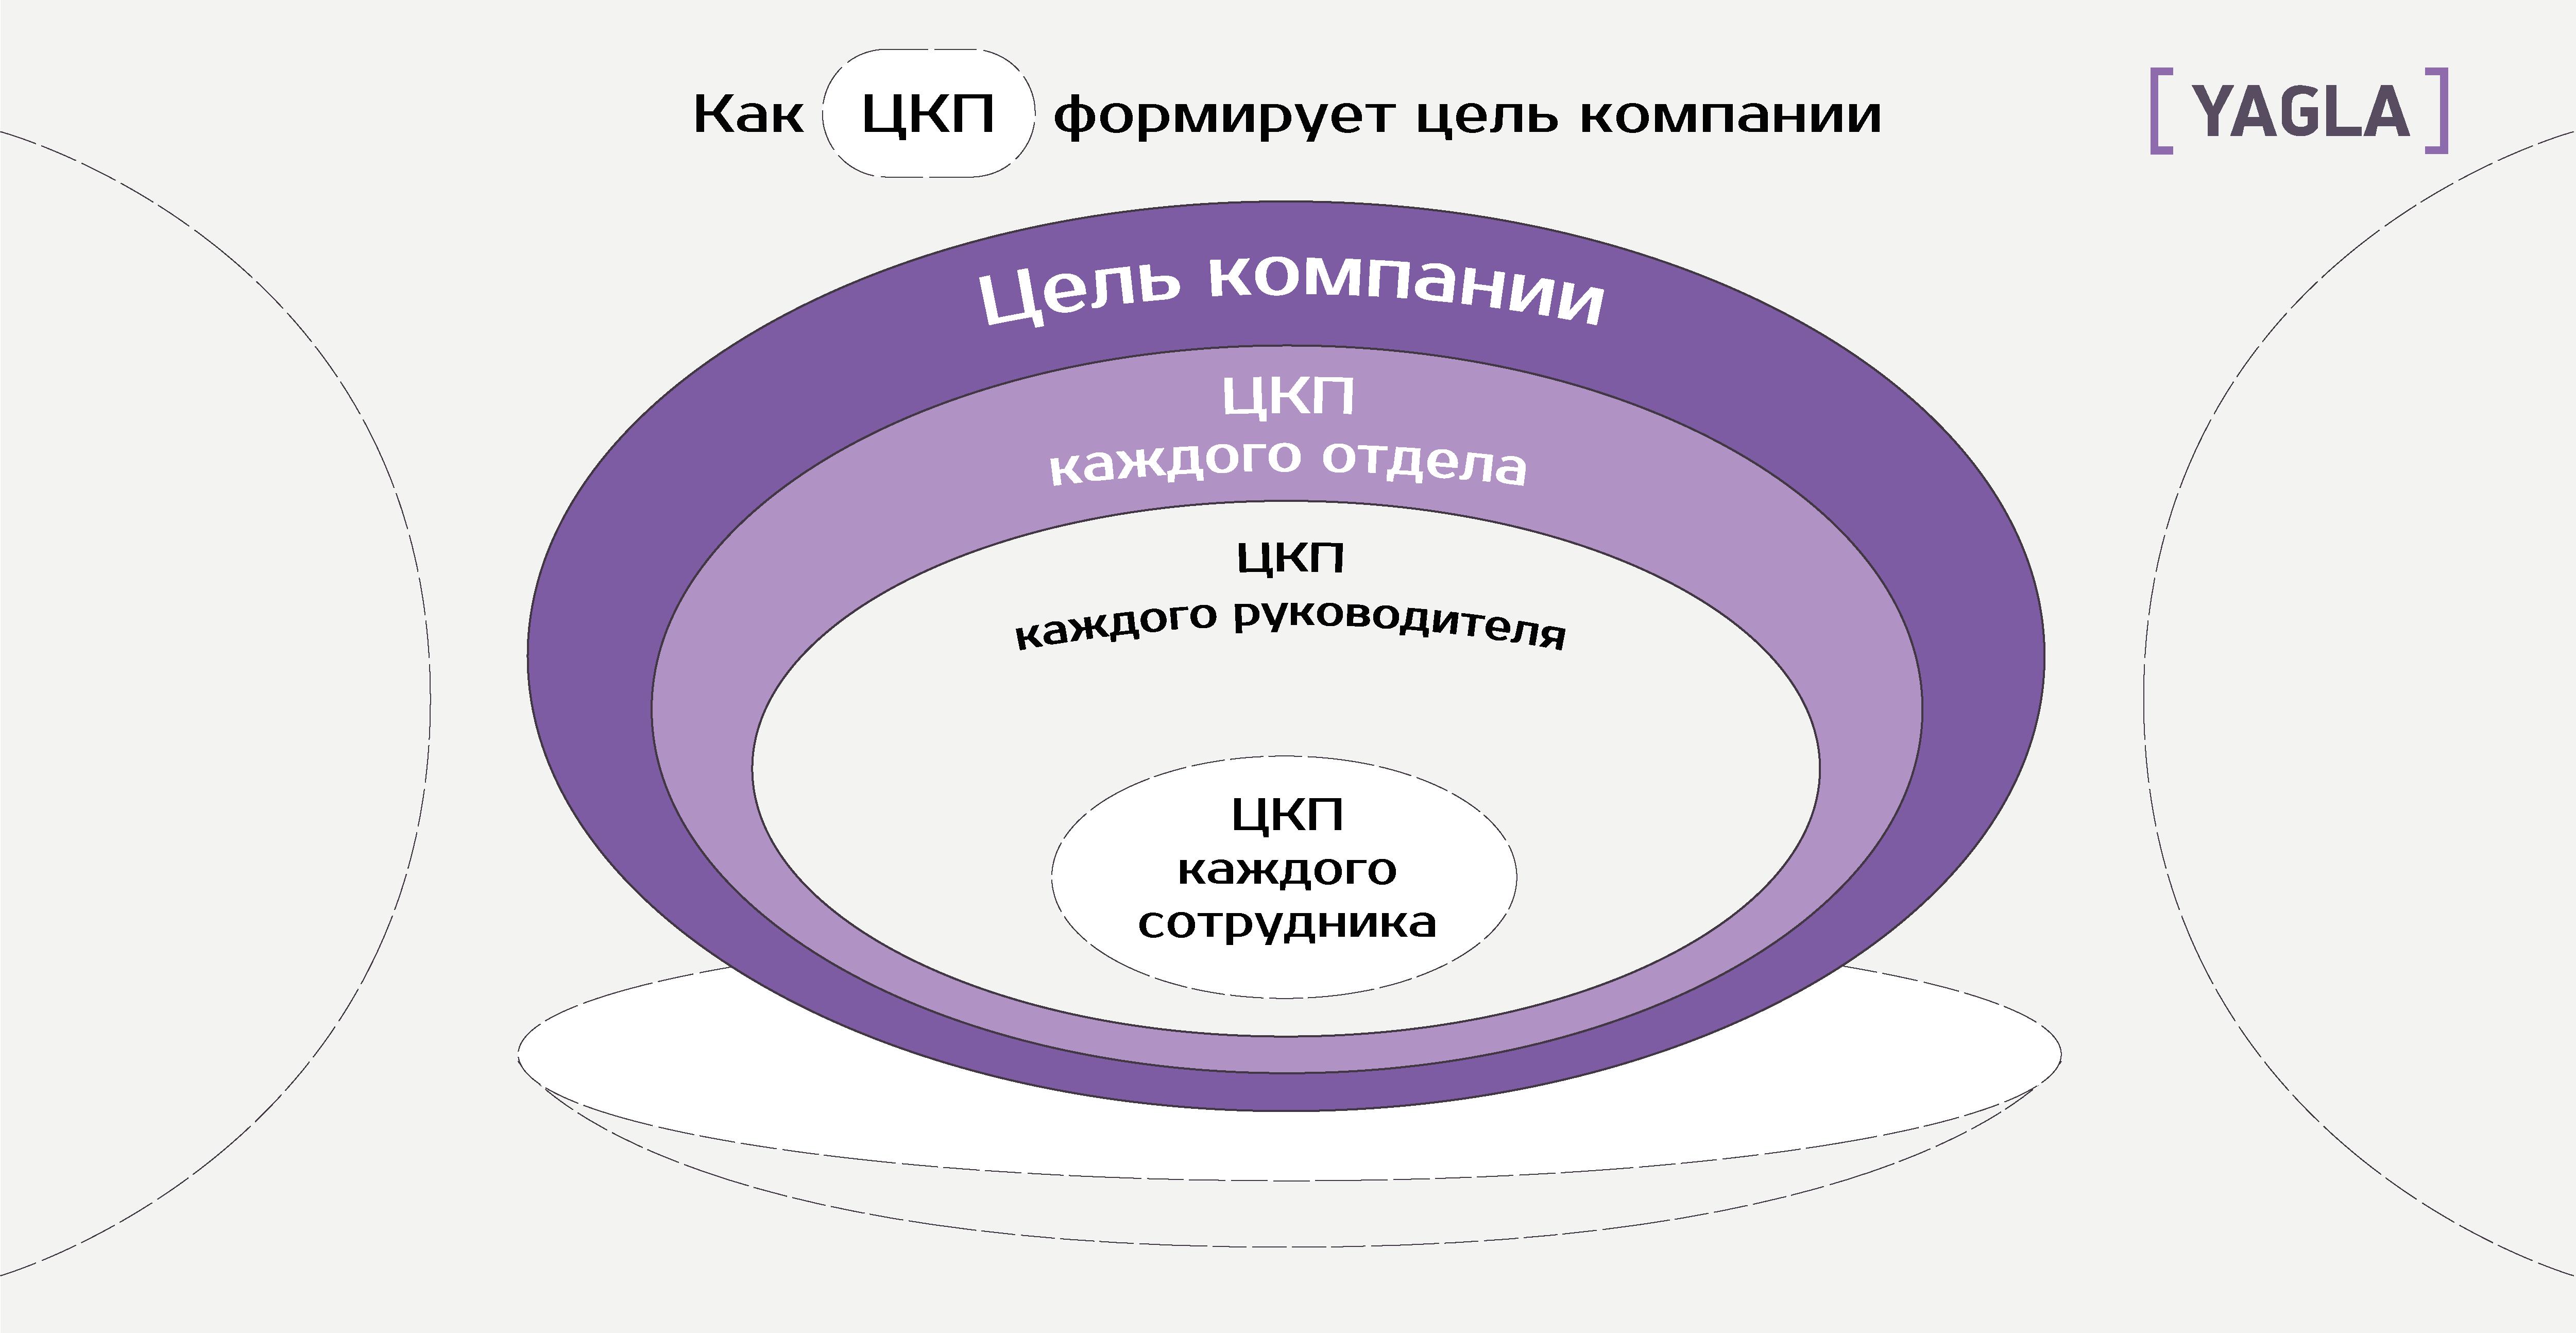 Как ЦКП формирует цель компании